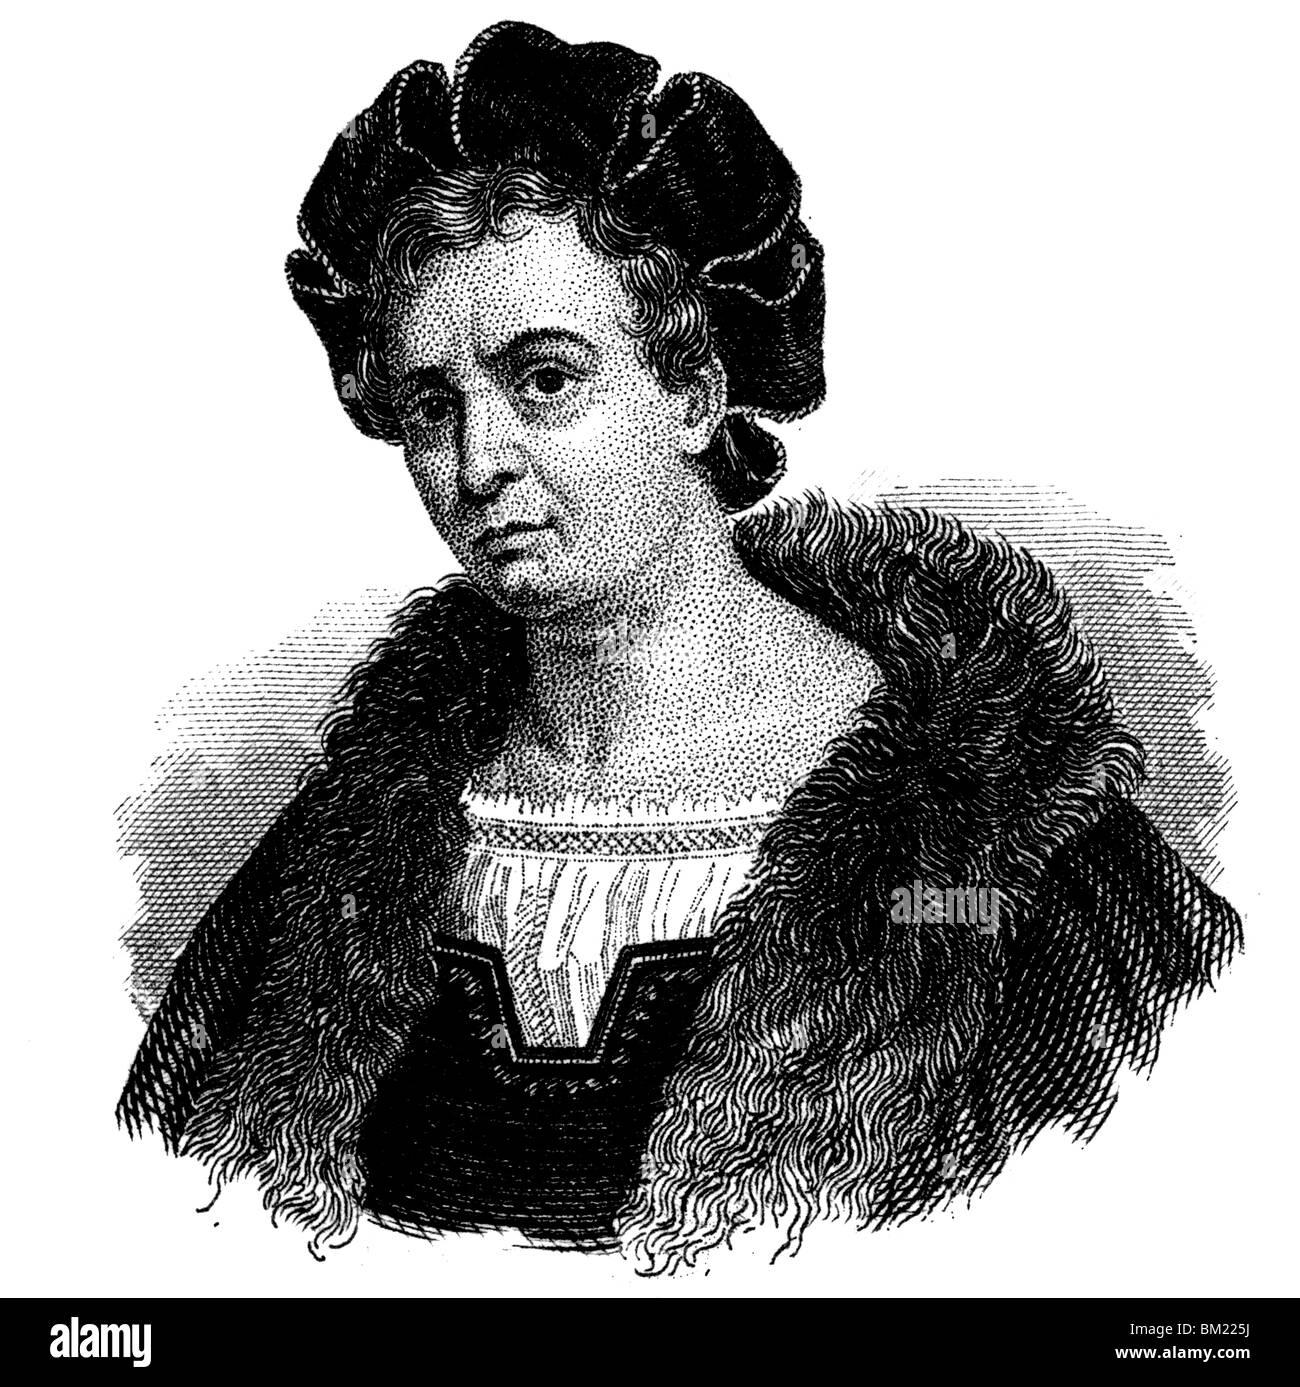 François-Joseph Talma - Stock Image